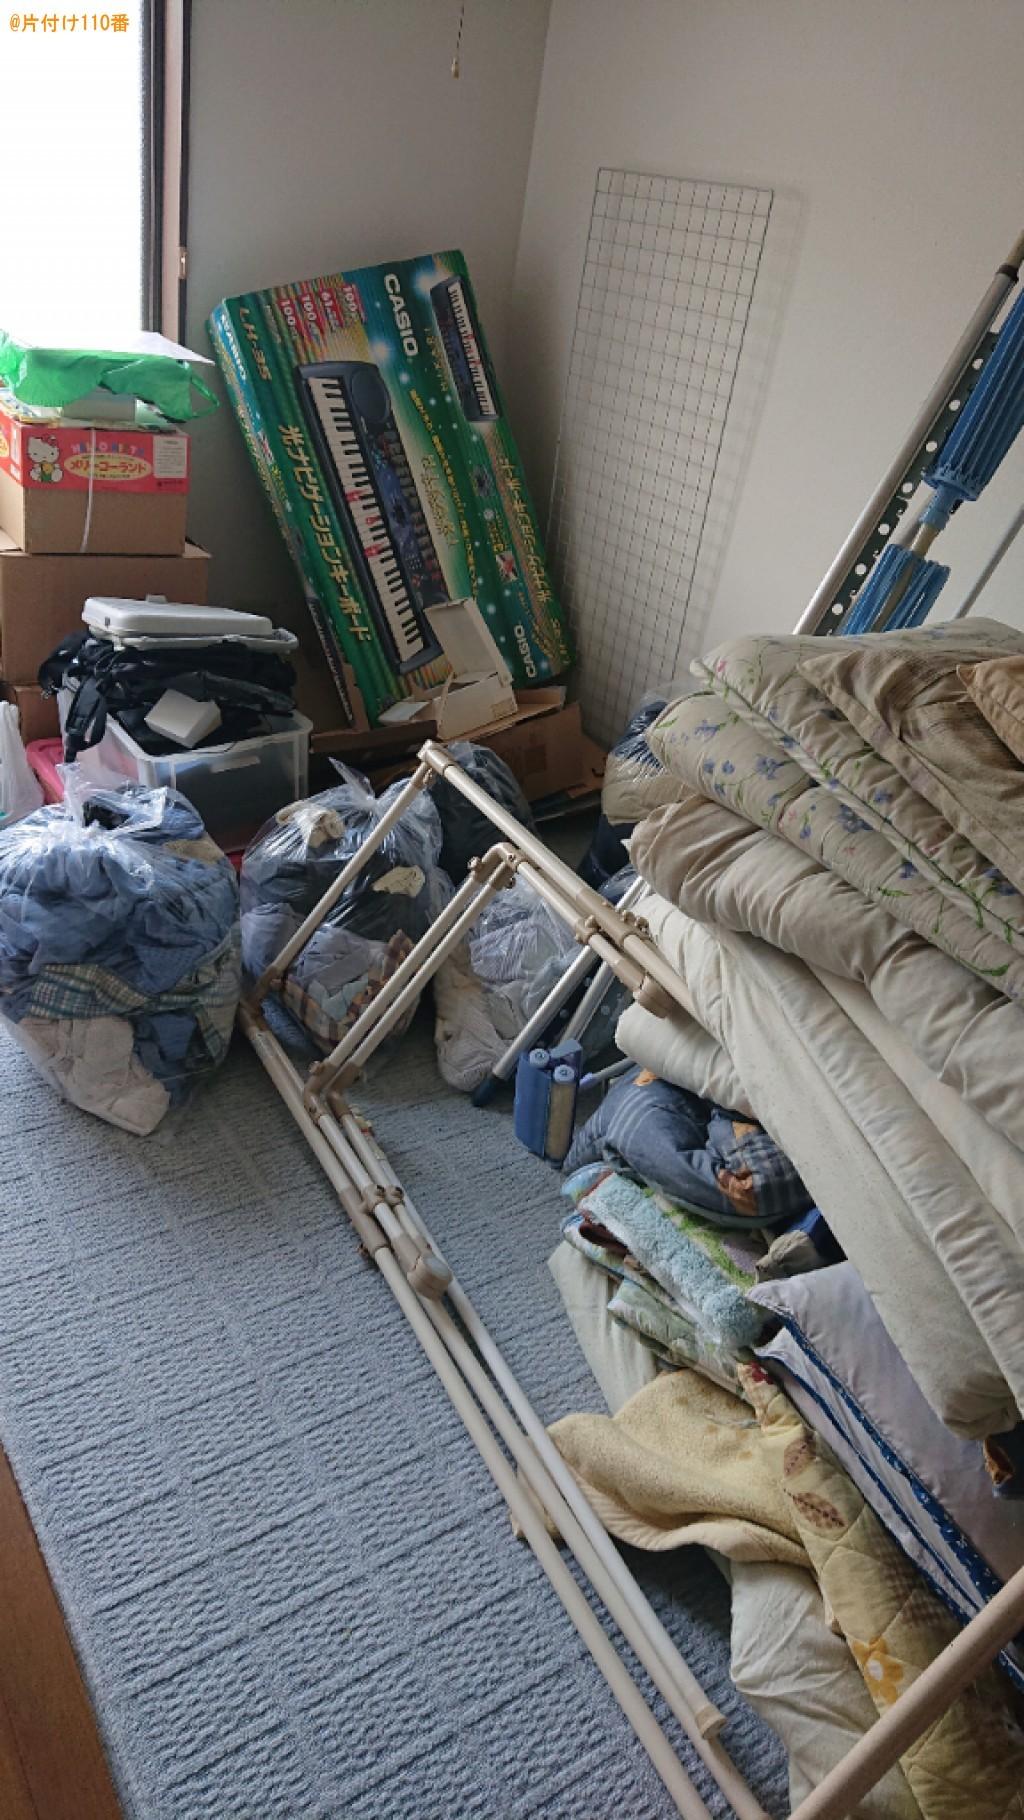 冷蔵庫、洗濯機、布団、衣類、テレビ台、物干し等、掃除機等の回収